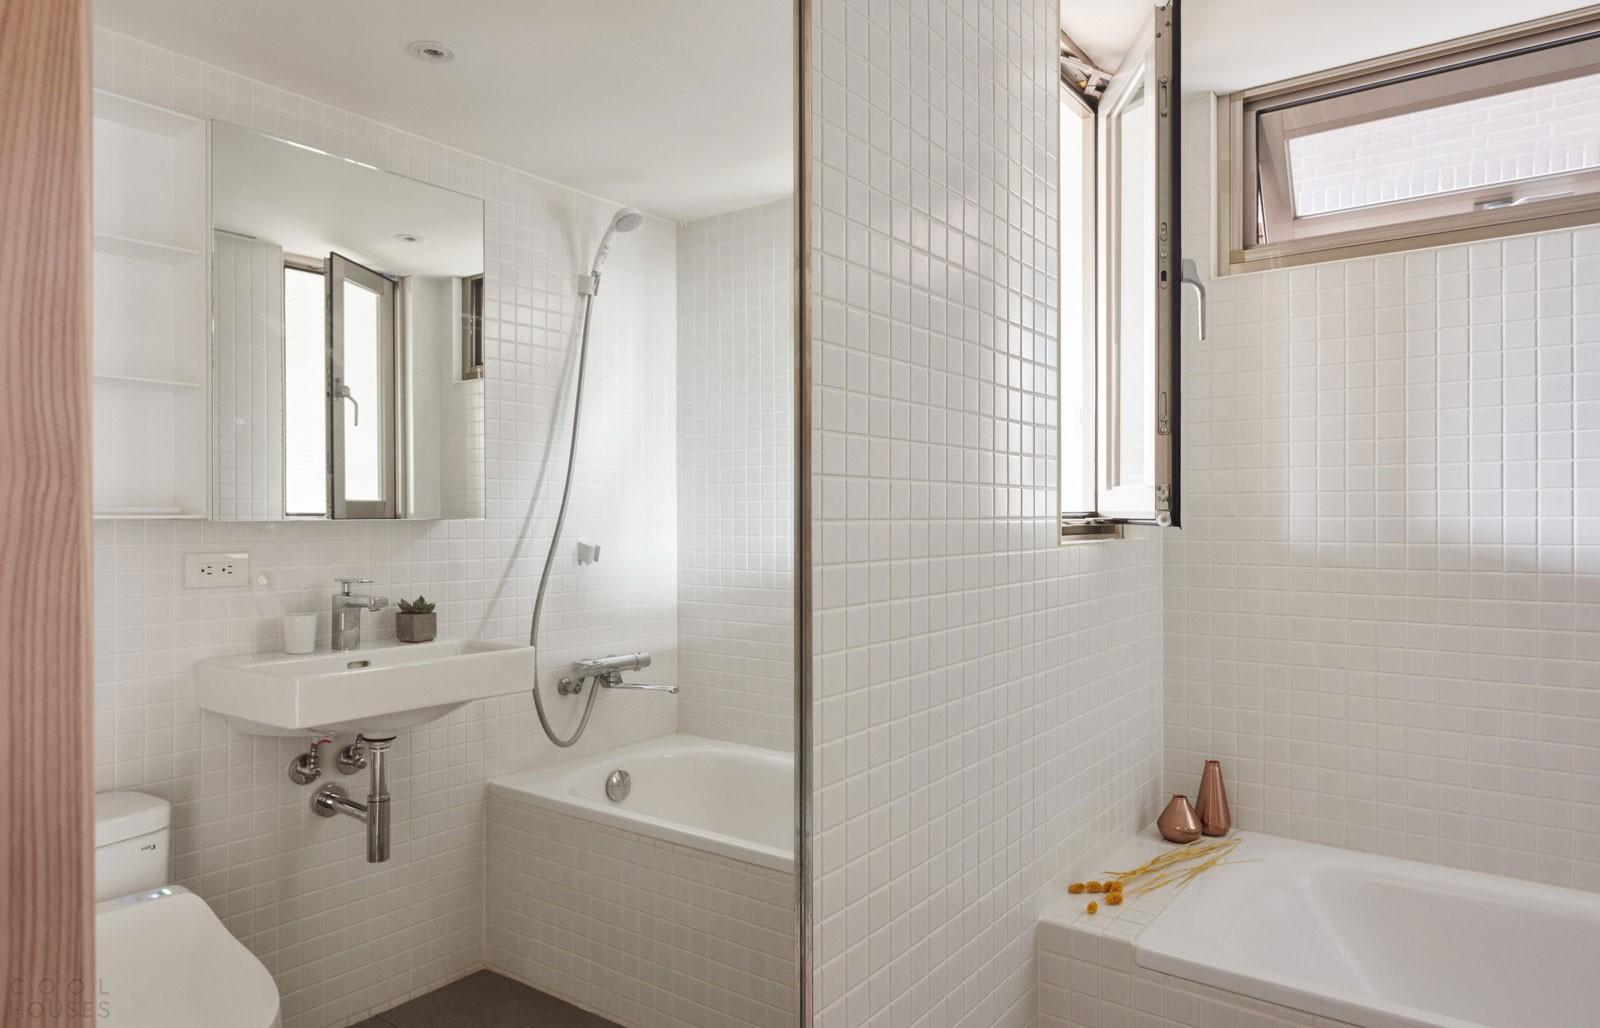 Дизайн маленькой квартиры-студии площадью 22 кв.м.